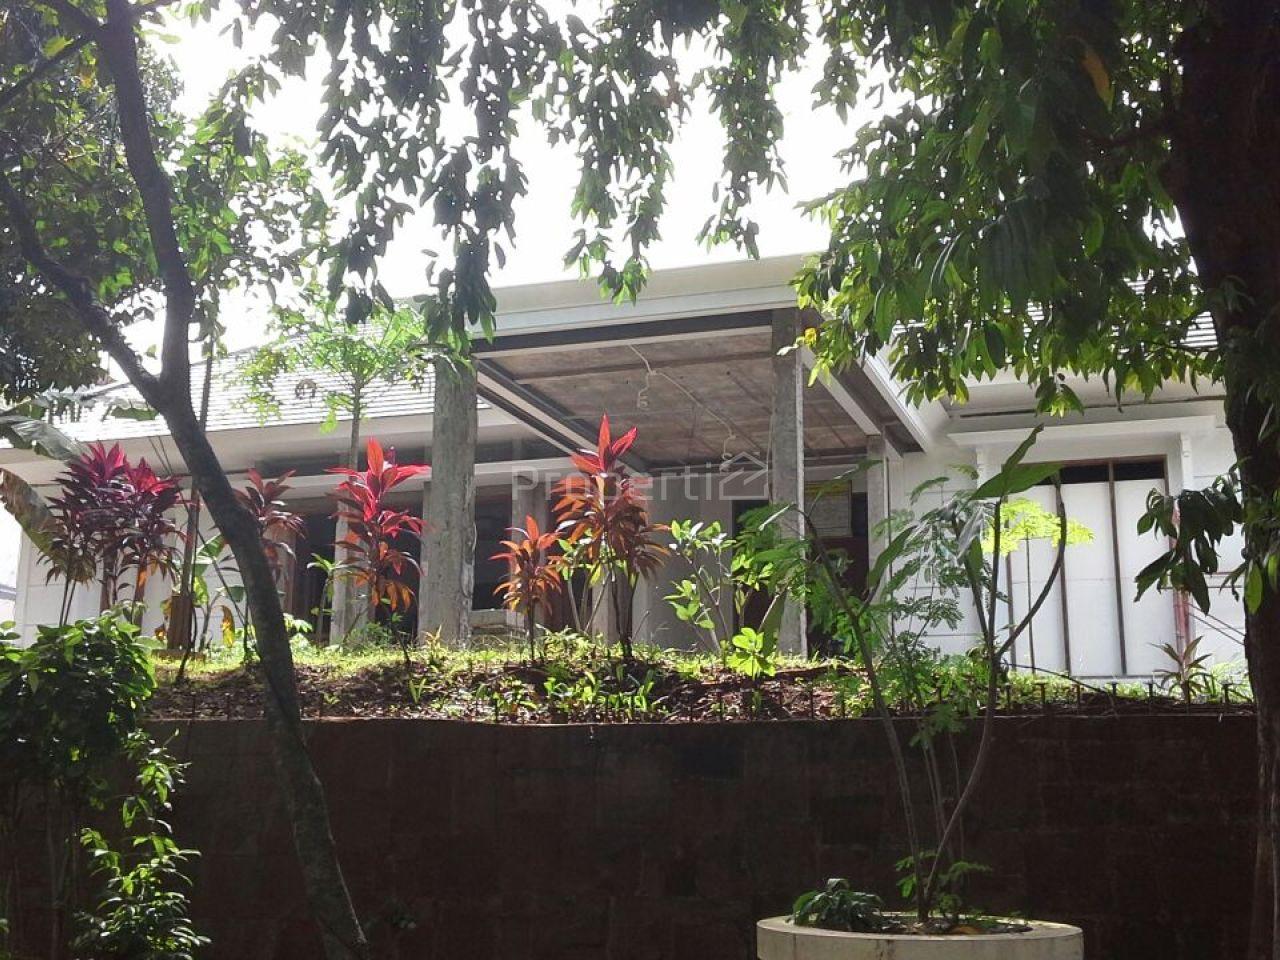 Unfinished Luxury House at Pondok Indah, DKI Jakarta